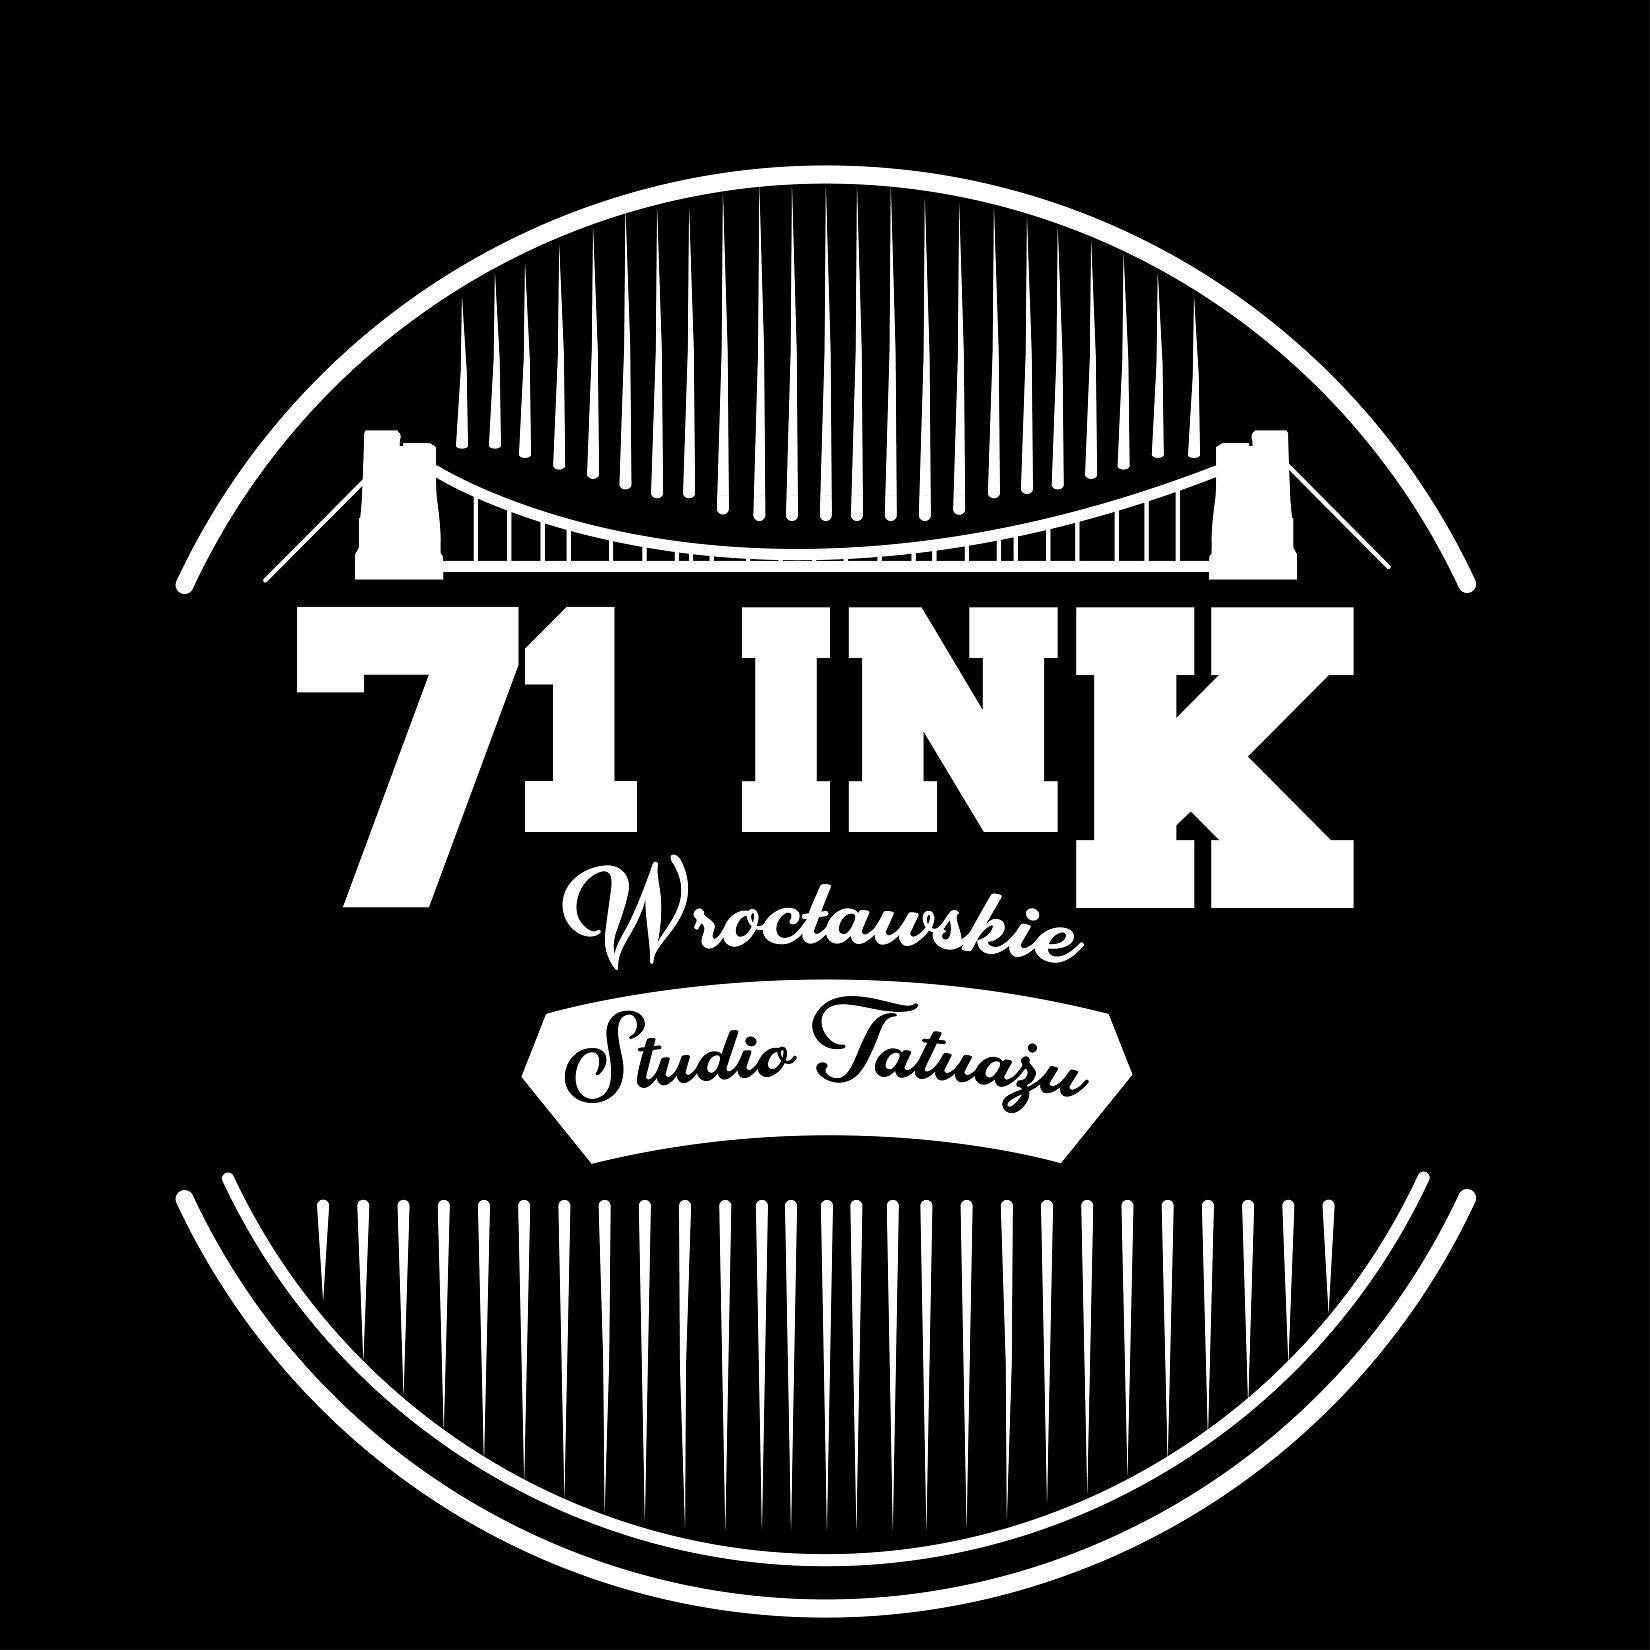 71-ink-logo